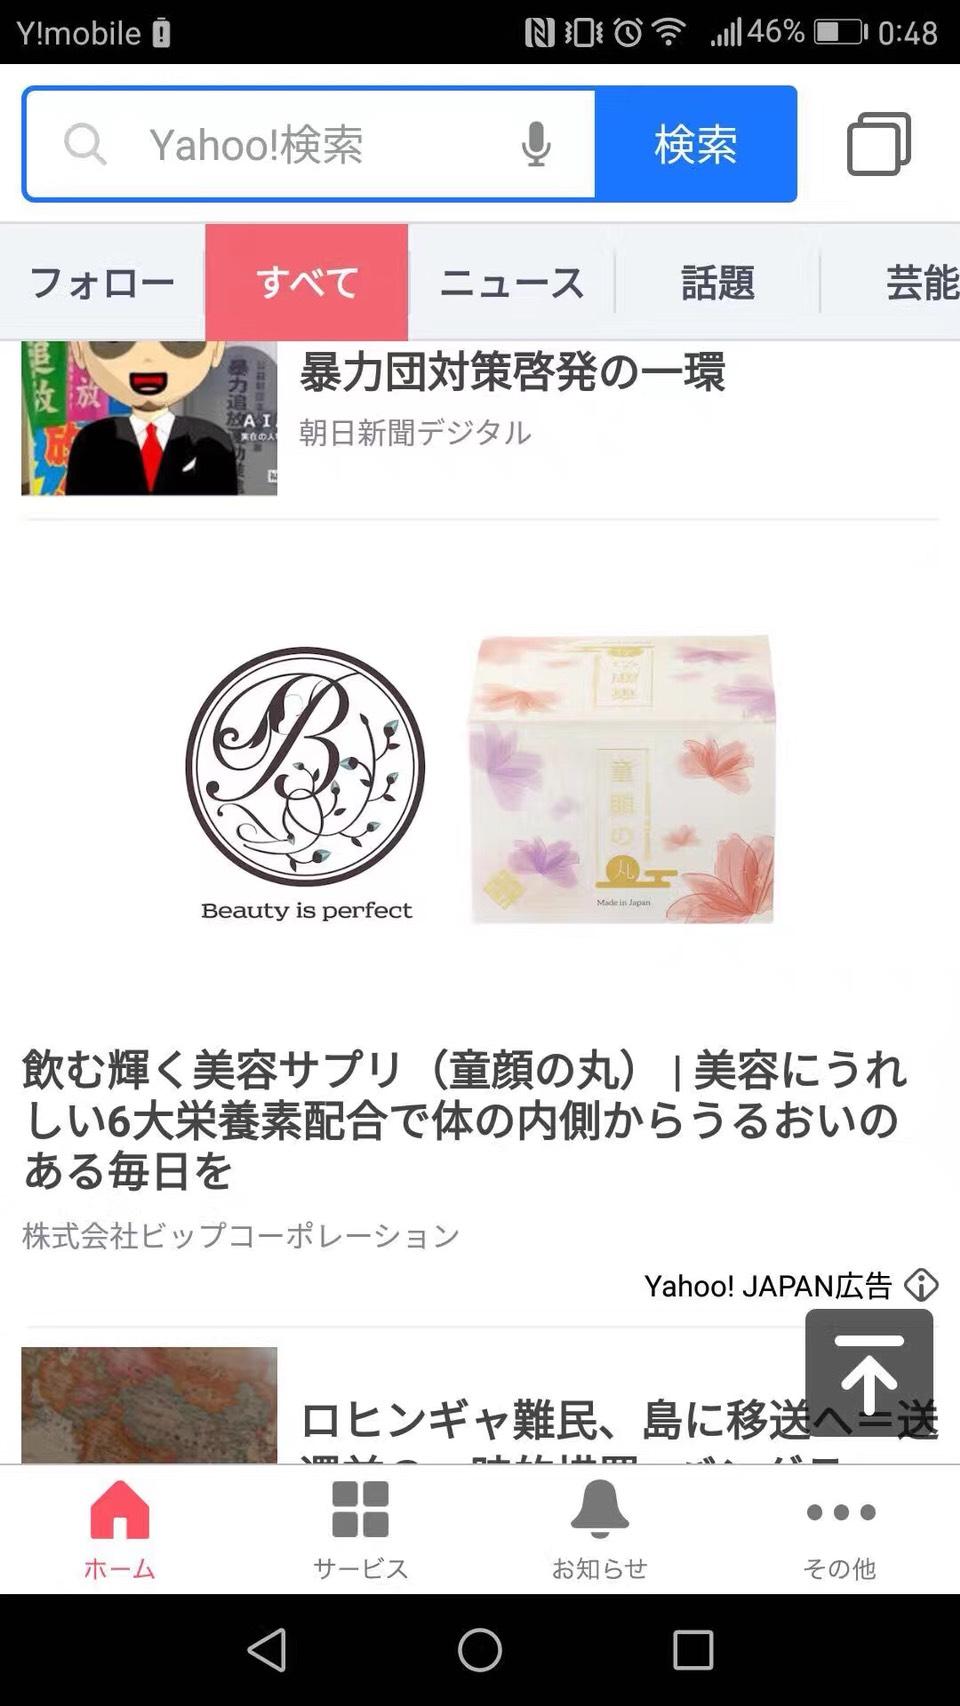 「童顔の丸」がYahoo!のタイムラインで紹介されました!